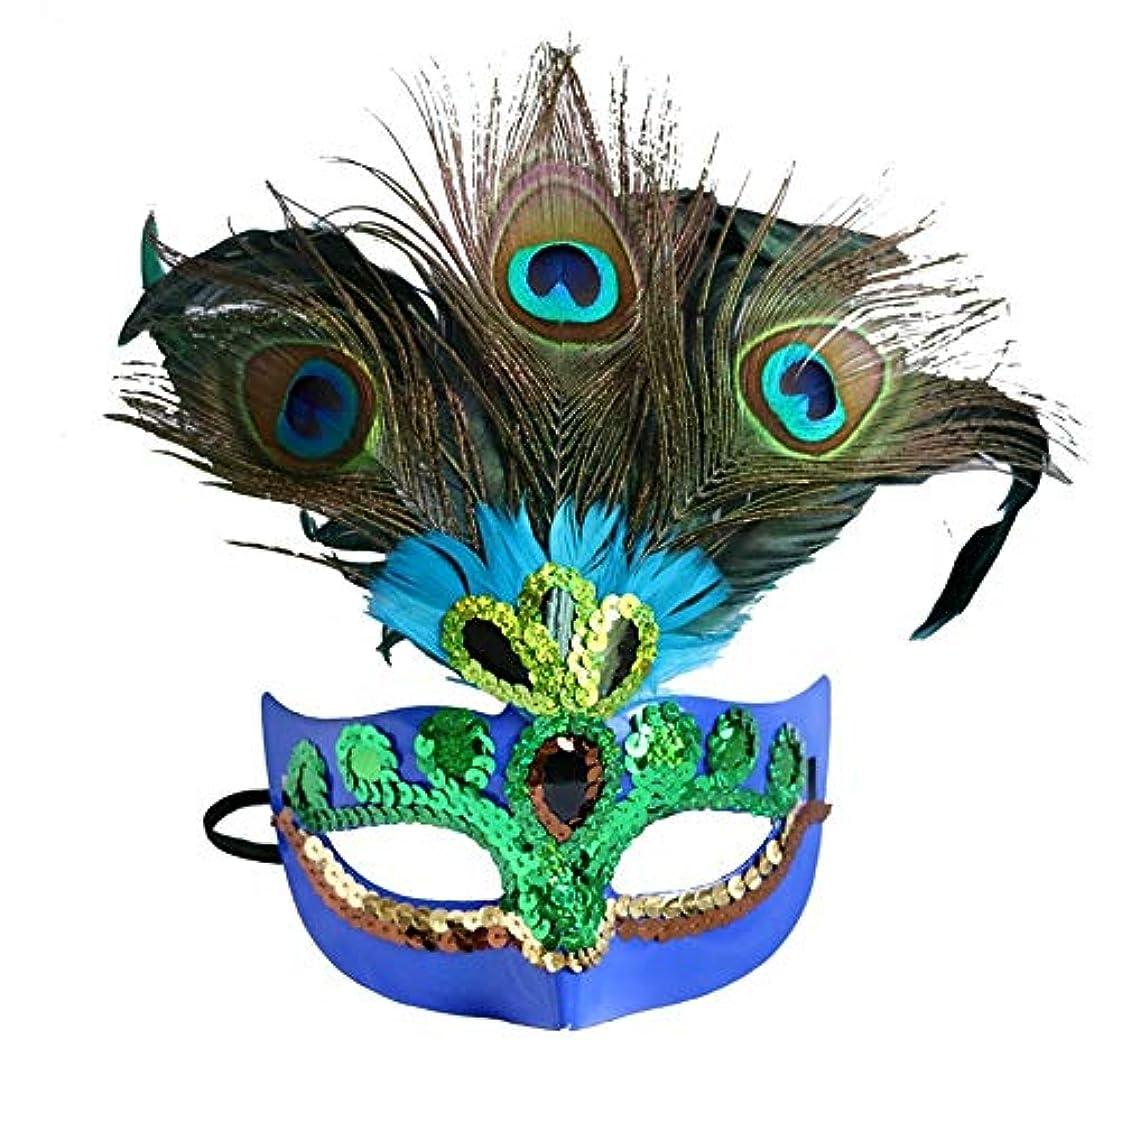 驚いたことに襲撃母音ダンスマスク 仮面舞踏会マスククジャクの羽パーティー衣装ハロウィンマスクボール目猫女性マスクハーフマスク パーティーボールマスク (色 : 青, サイズ : 18x25cm)